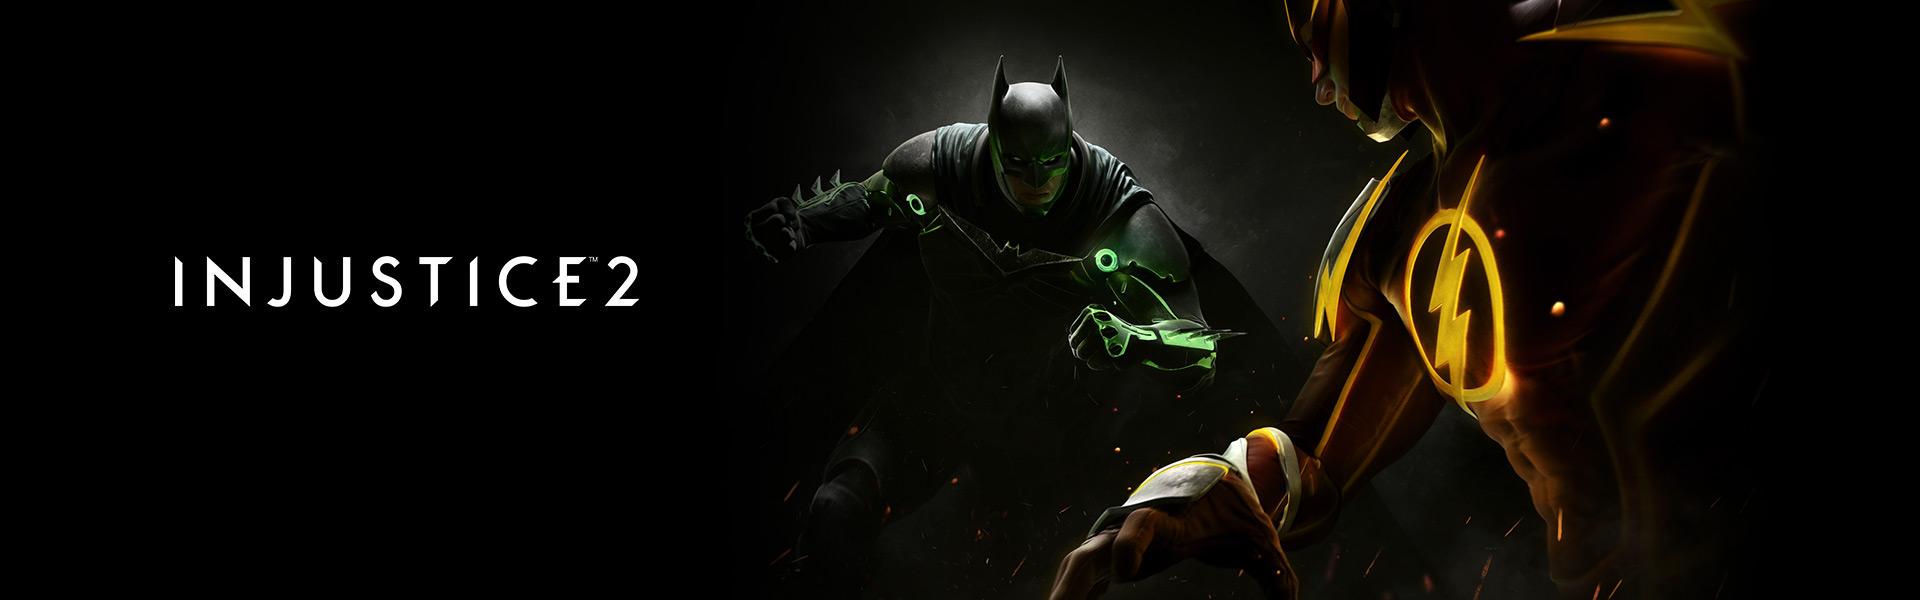 Injustice 2, imagem escura do Batman e do Flash a prepararem-se para lutar um contra o outro